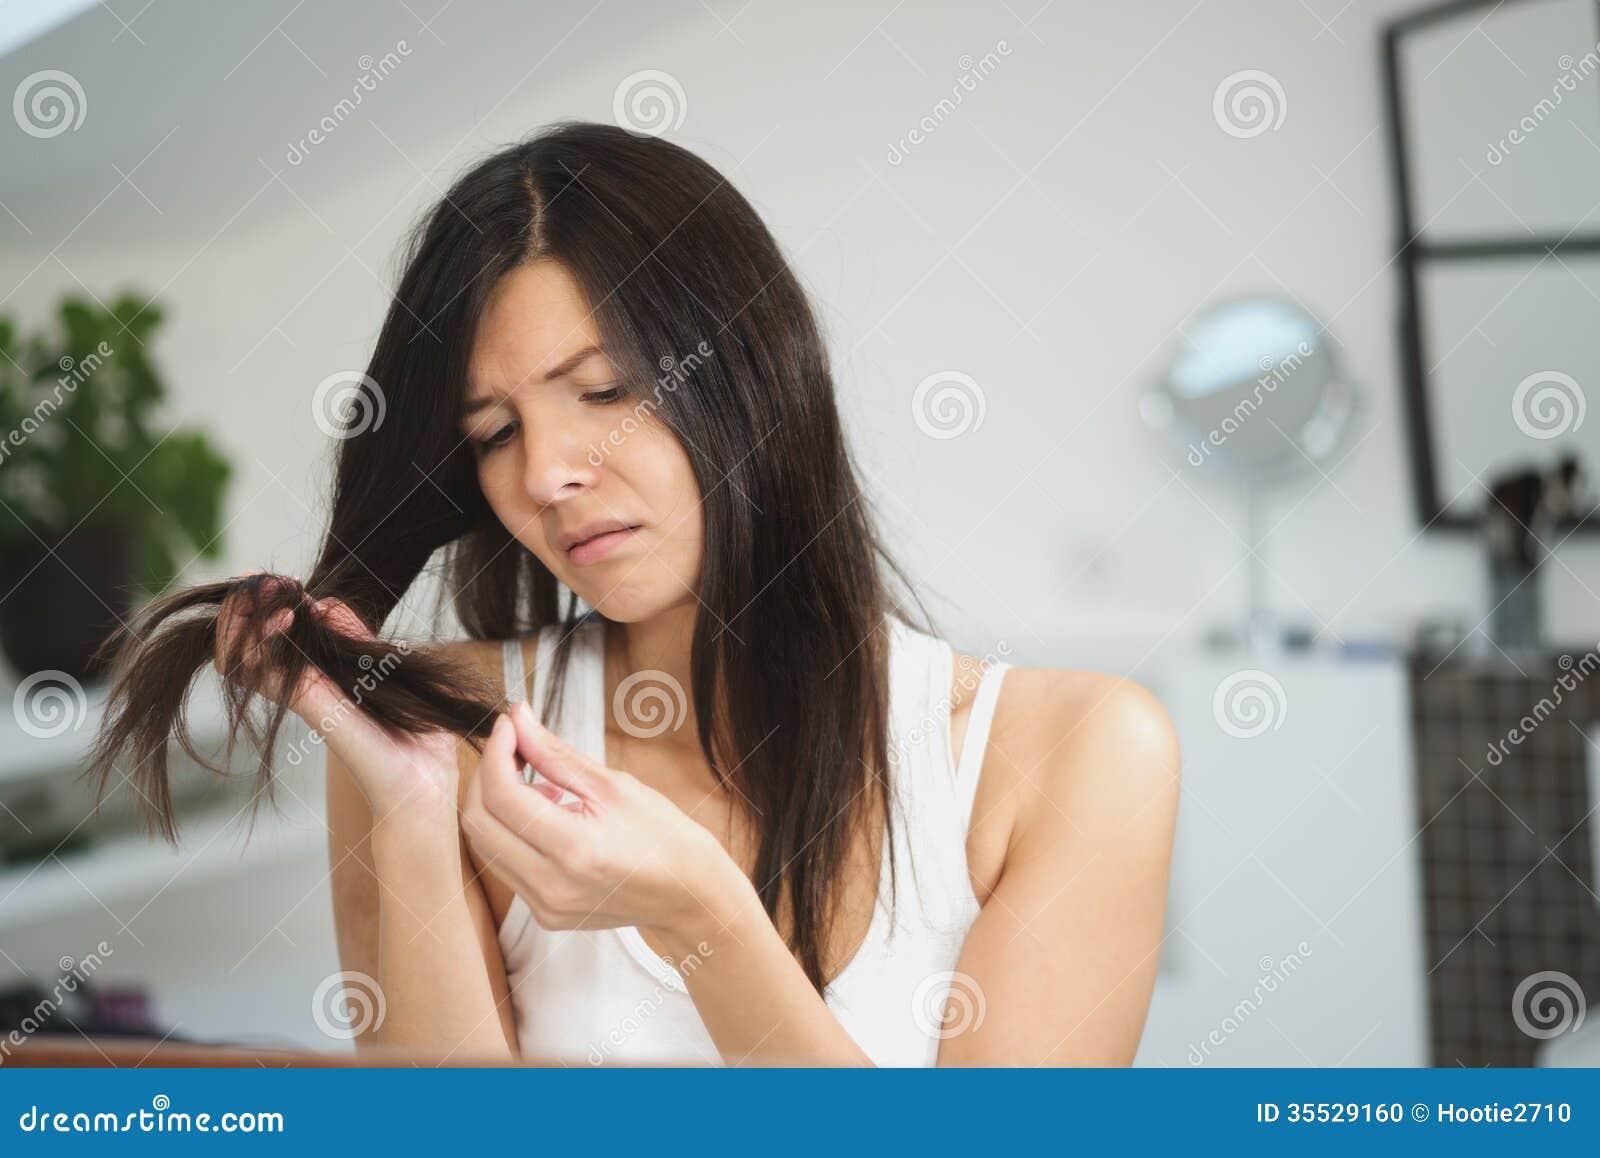 Мы женщины до кончиков волос мы